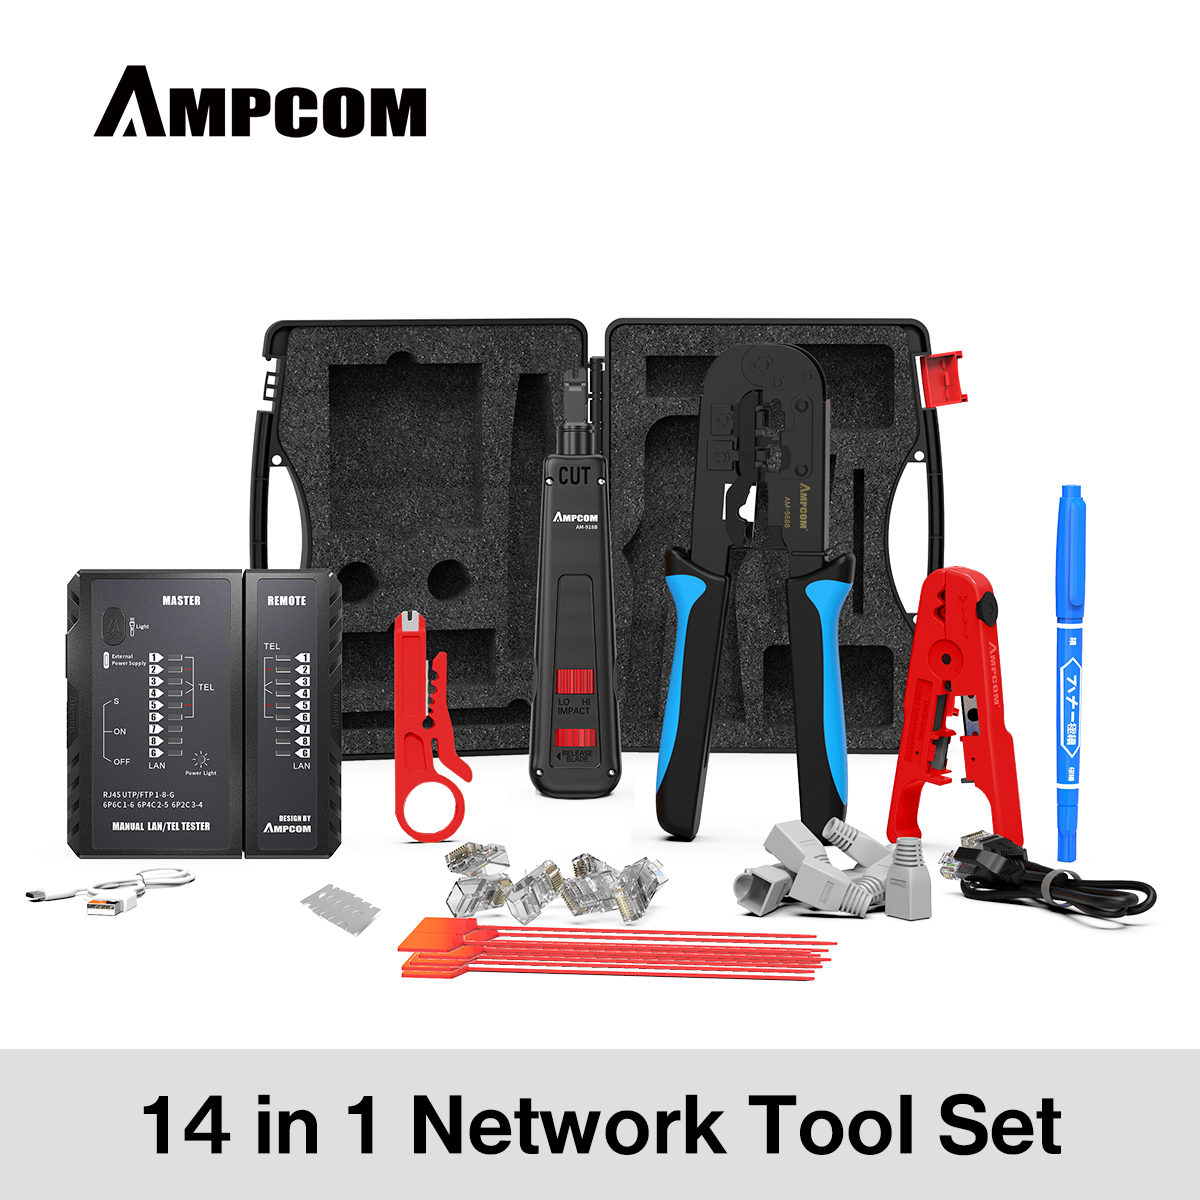 Комплект профессиональных сетевых инструментов AMPCOM 14 в 1, тестер кабелей Ethernet Rj45 Rj11 Cat6, щипцы для кабеля, щипцы для зачистки